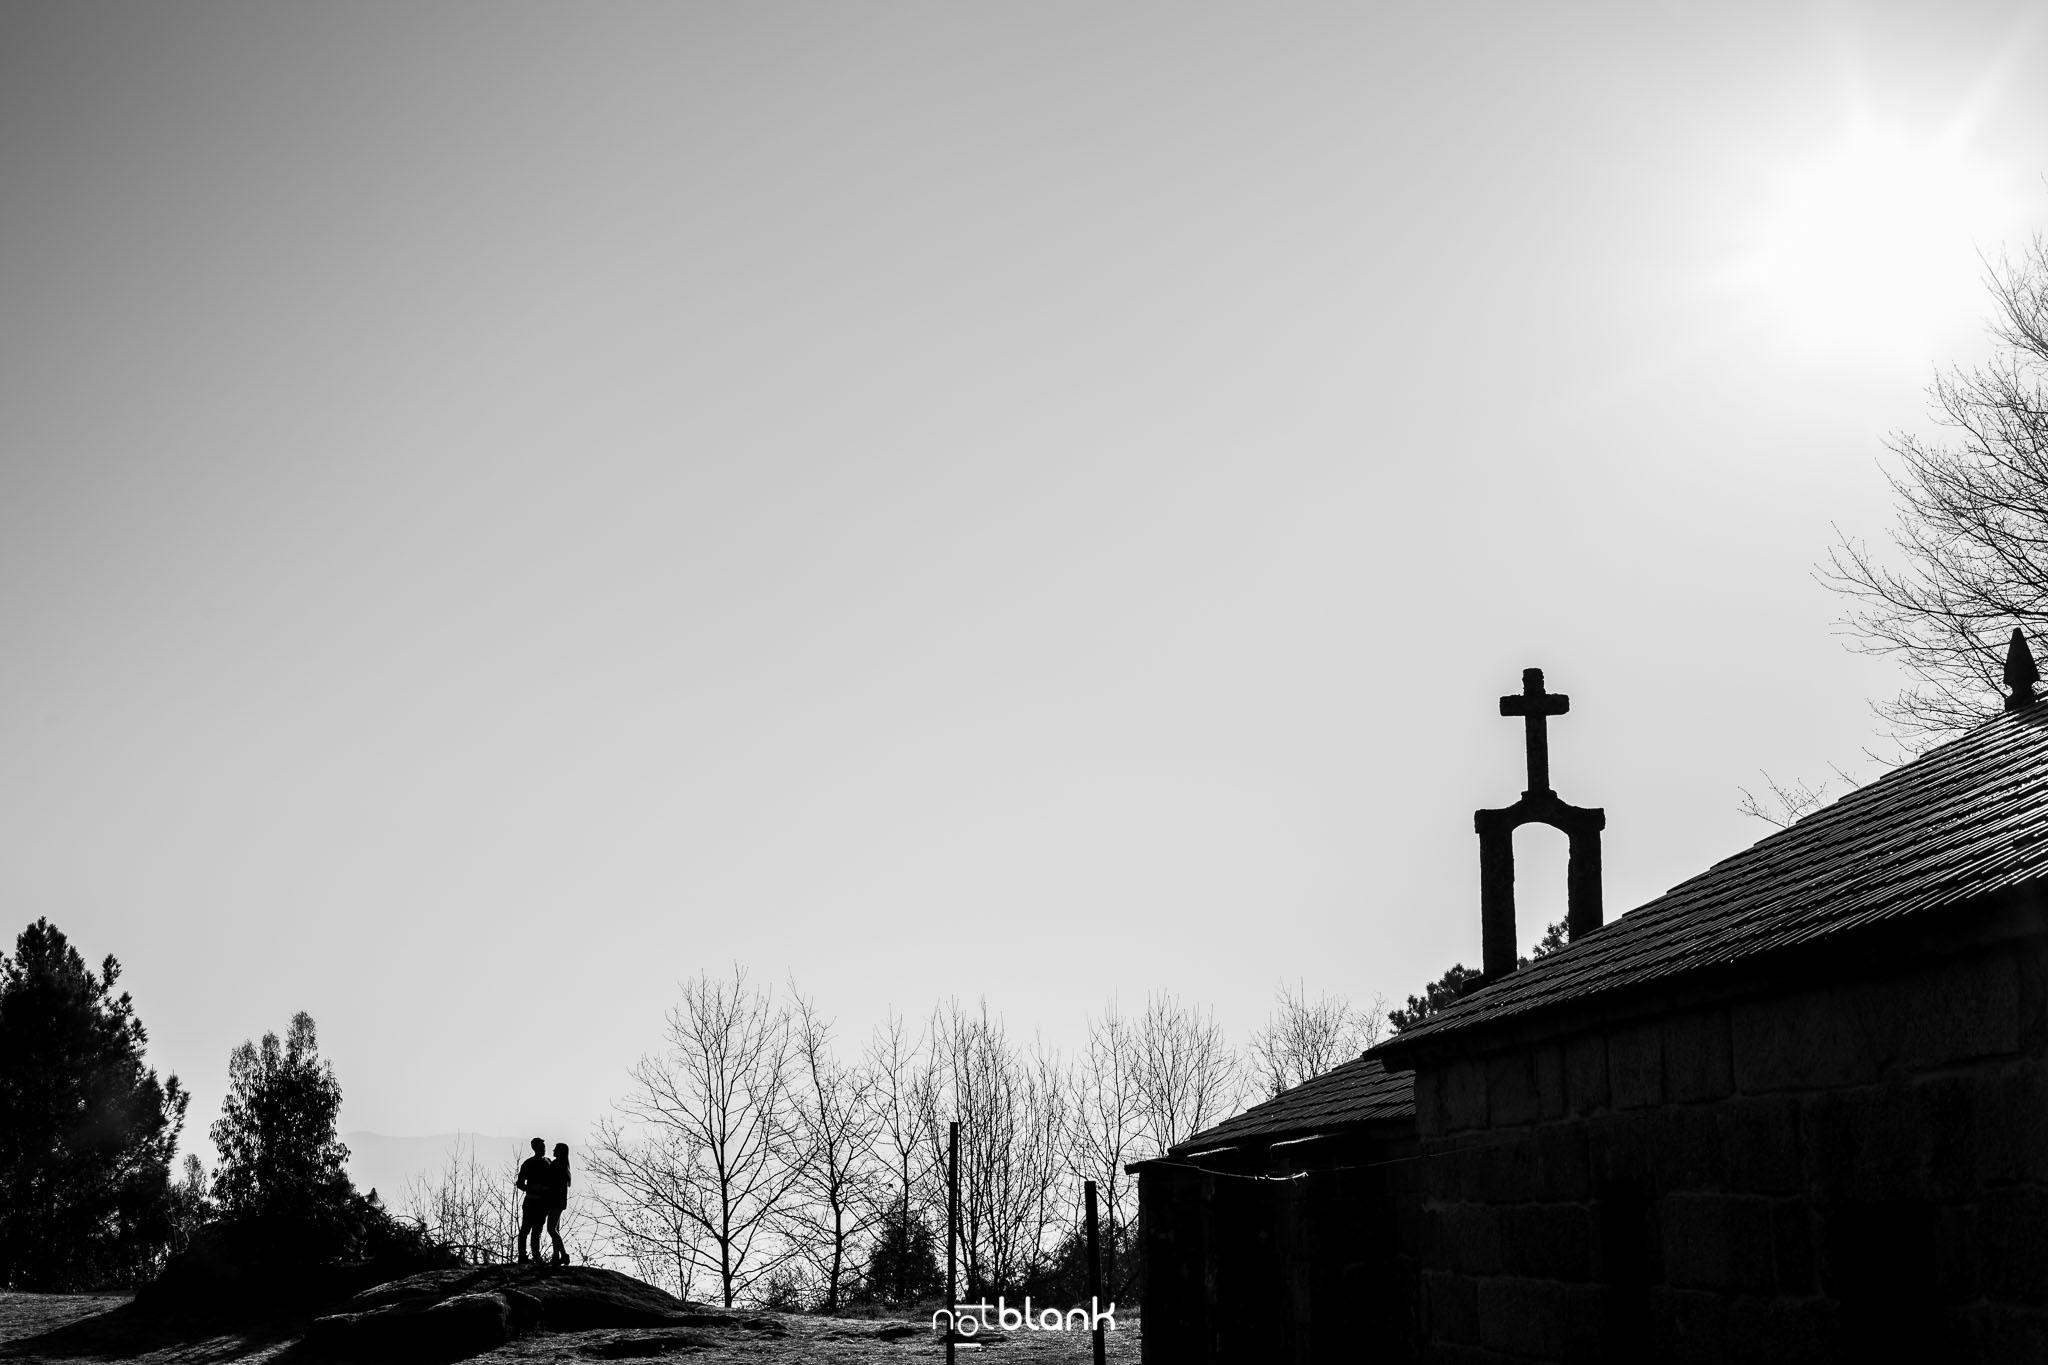 Preboda-Noe-Sito-A-Picoña-Notblank-Fotografos-De-Boda-Sombra-Luz-Piedra-Iglesia-Cruz